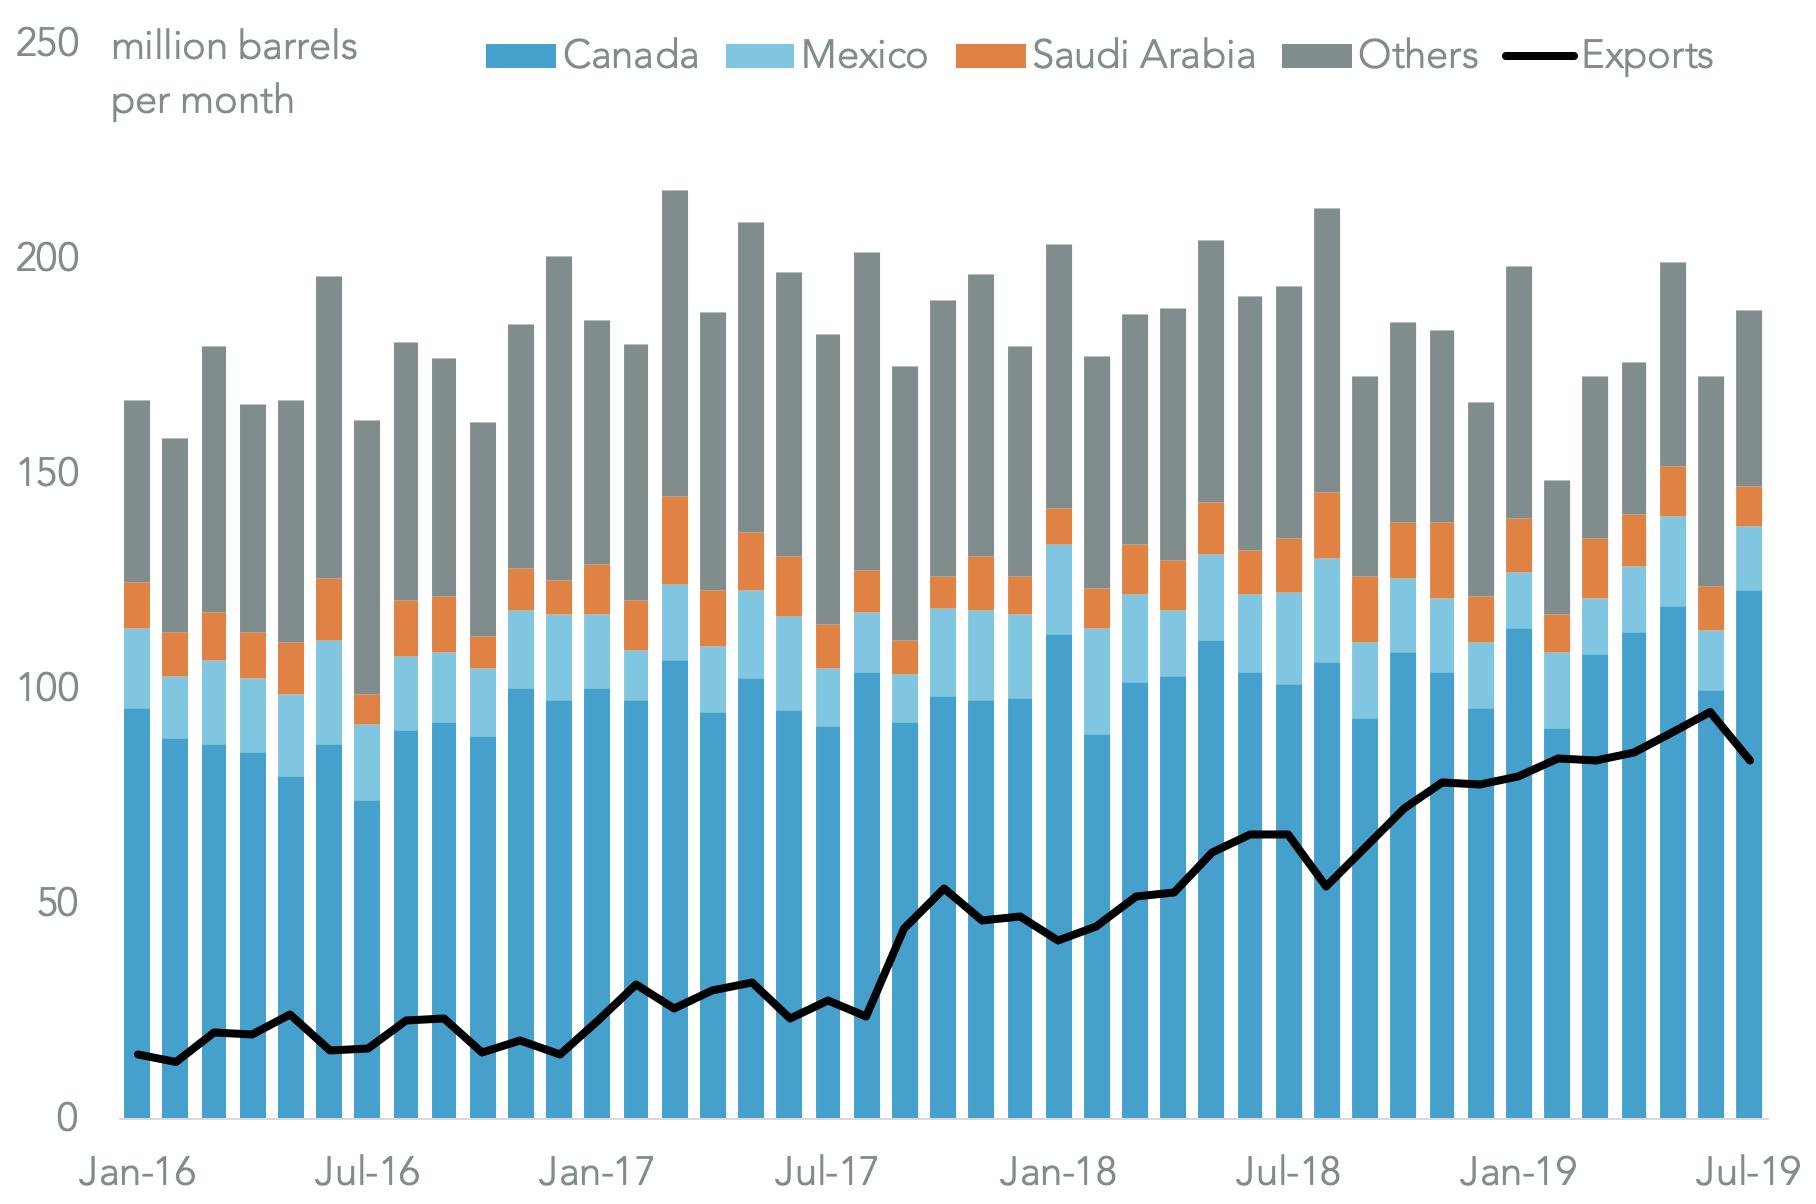 20190916-saudi-us-import-countries